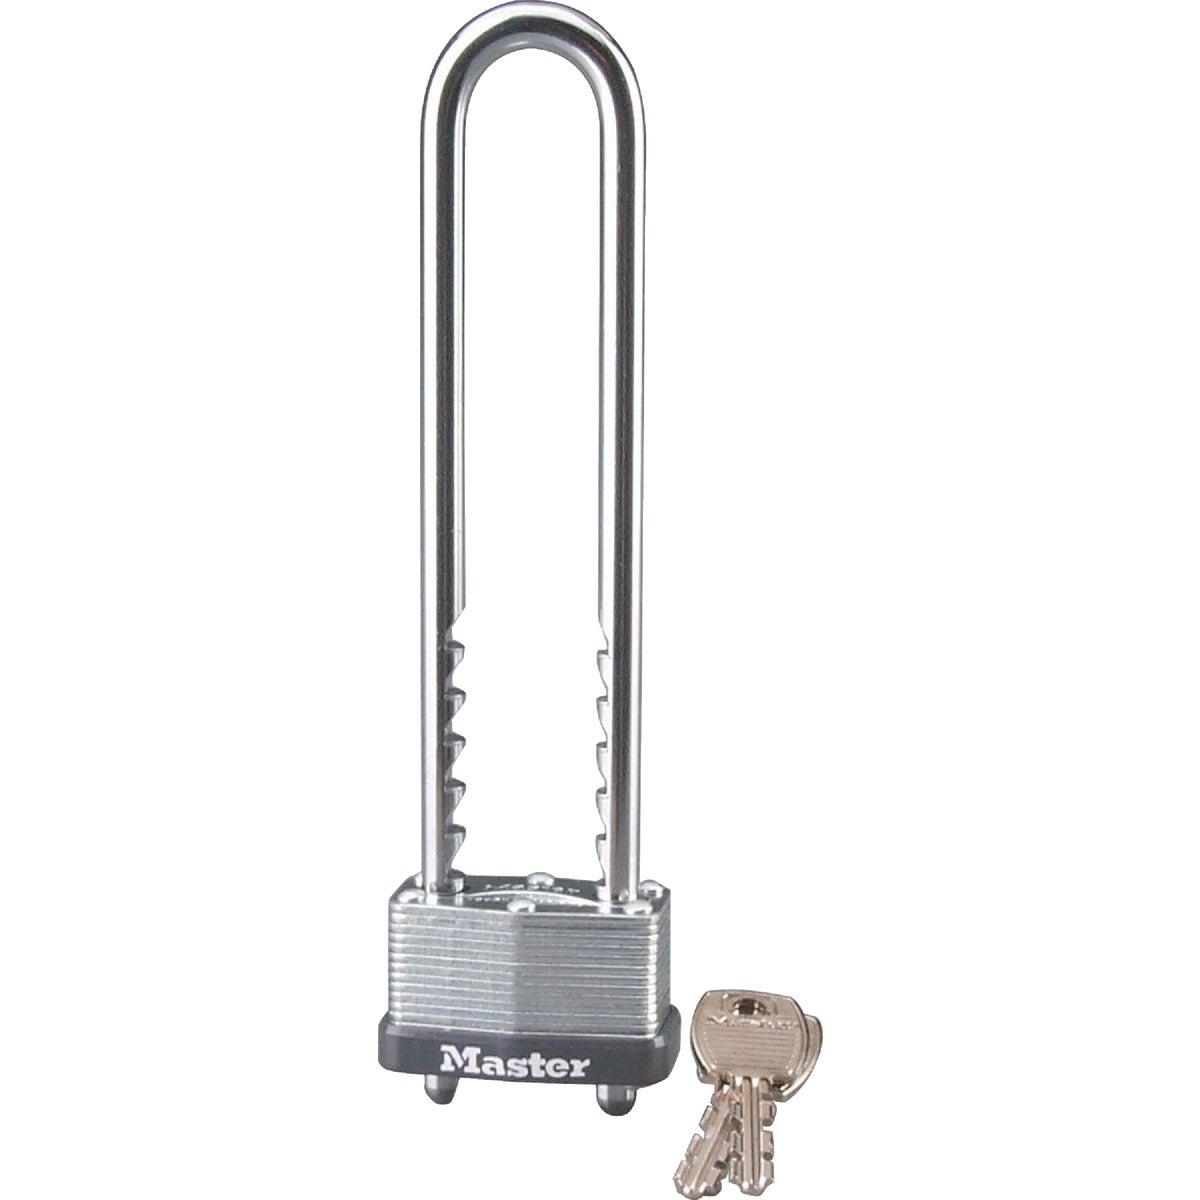 Master Lock BIKE PADLOCK 517D